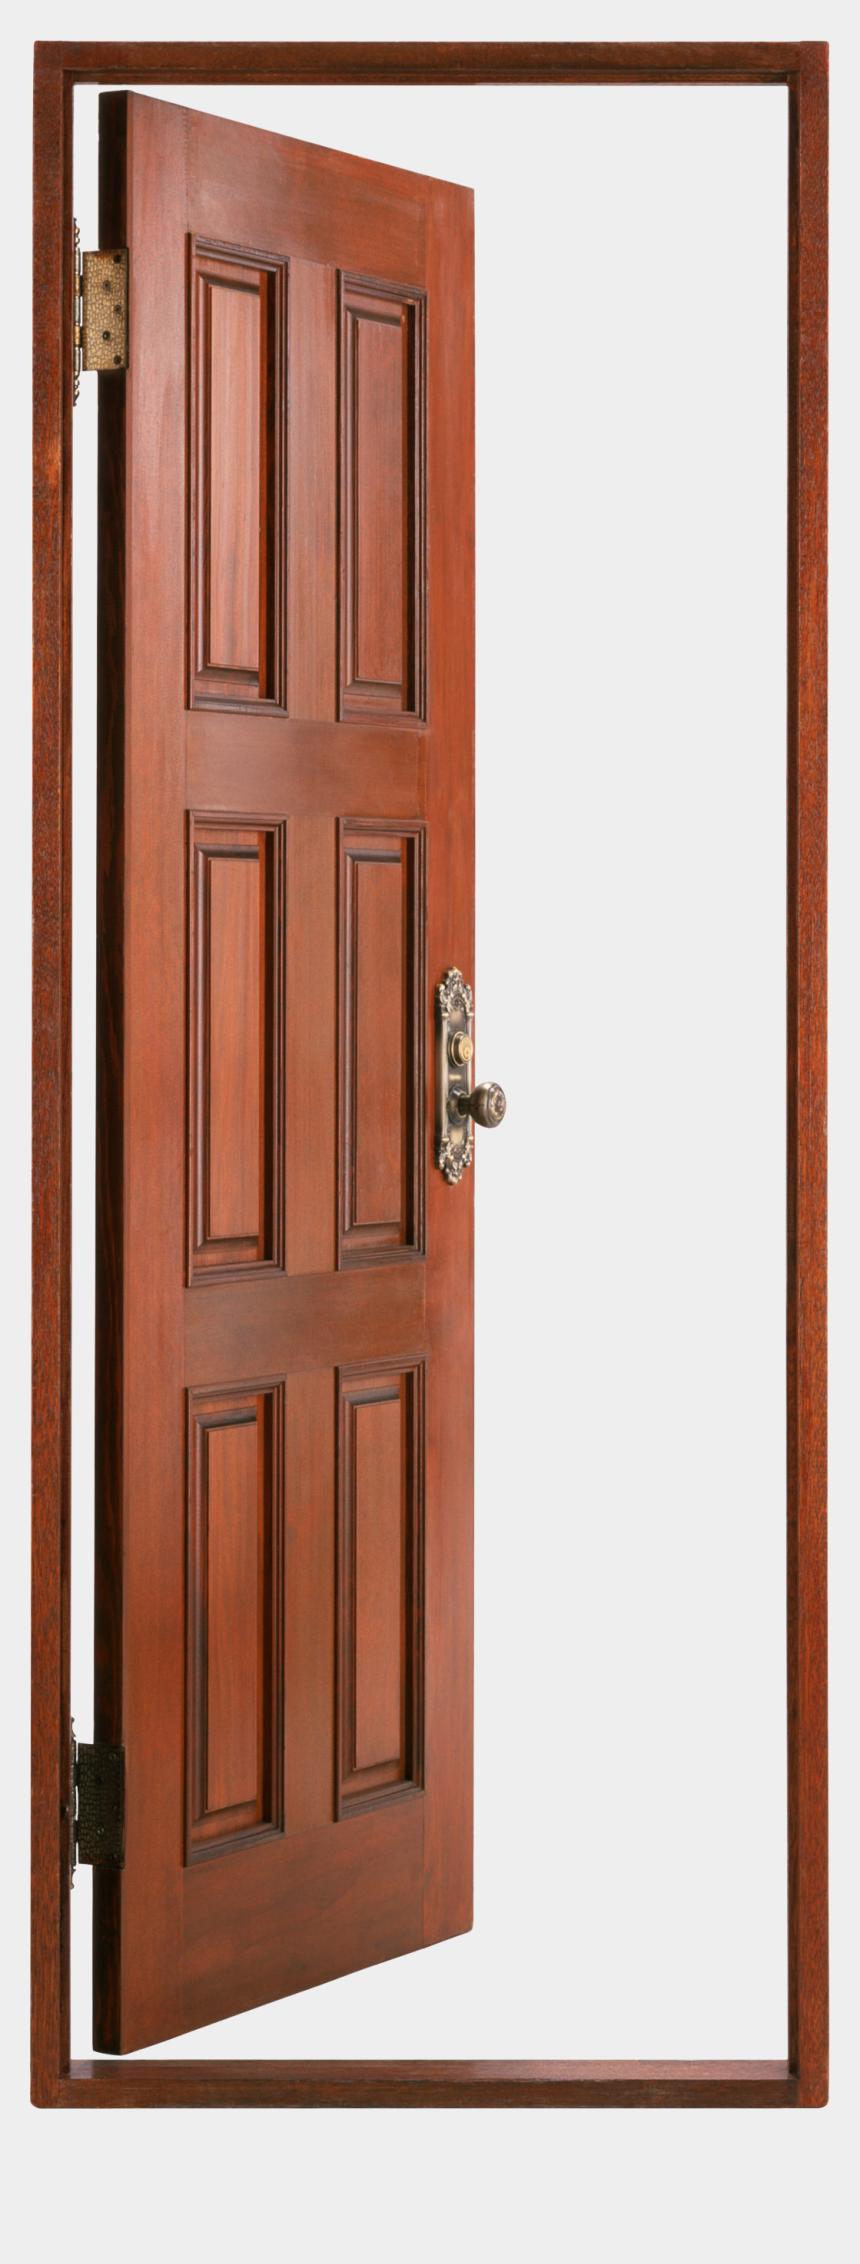 open doors clipart, Cartoons - Dark Open Door Png Png Images - Open Wood Door Png